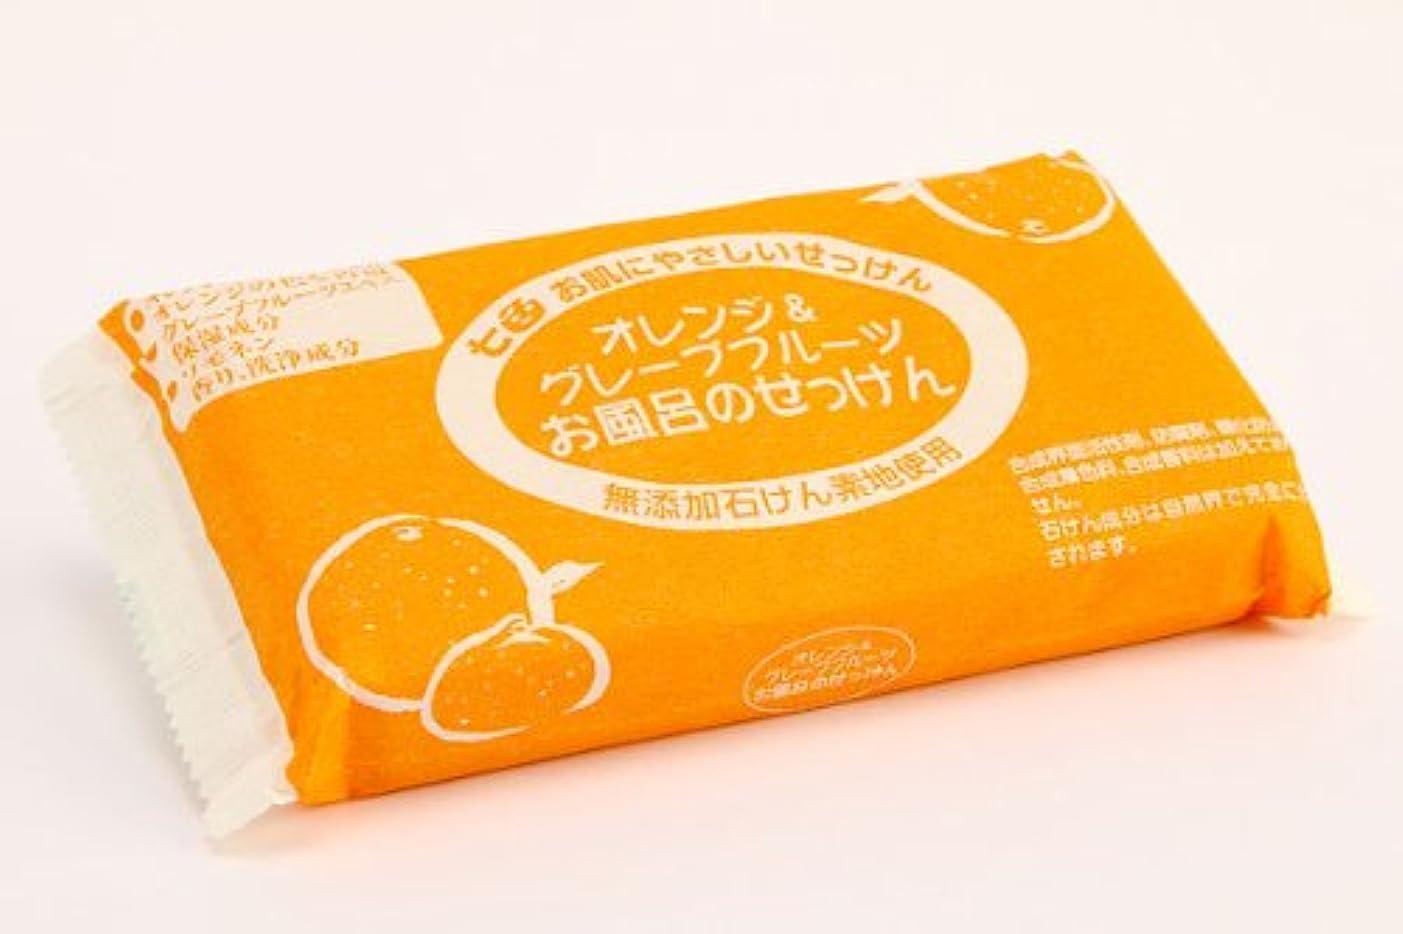 レインコート分解する雨のまるは油脂化学 七色石けん オレンジ&グレープフルーツお風呂の石けん3P 100g×3個パック